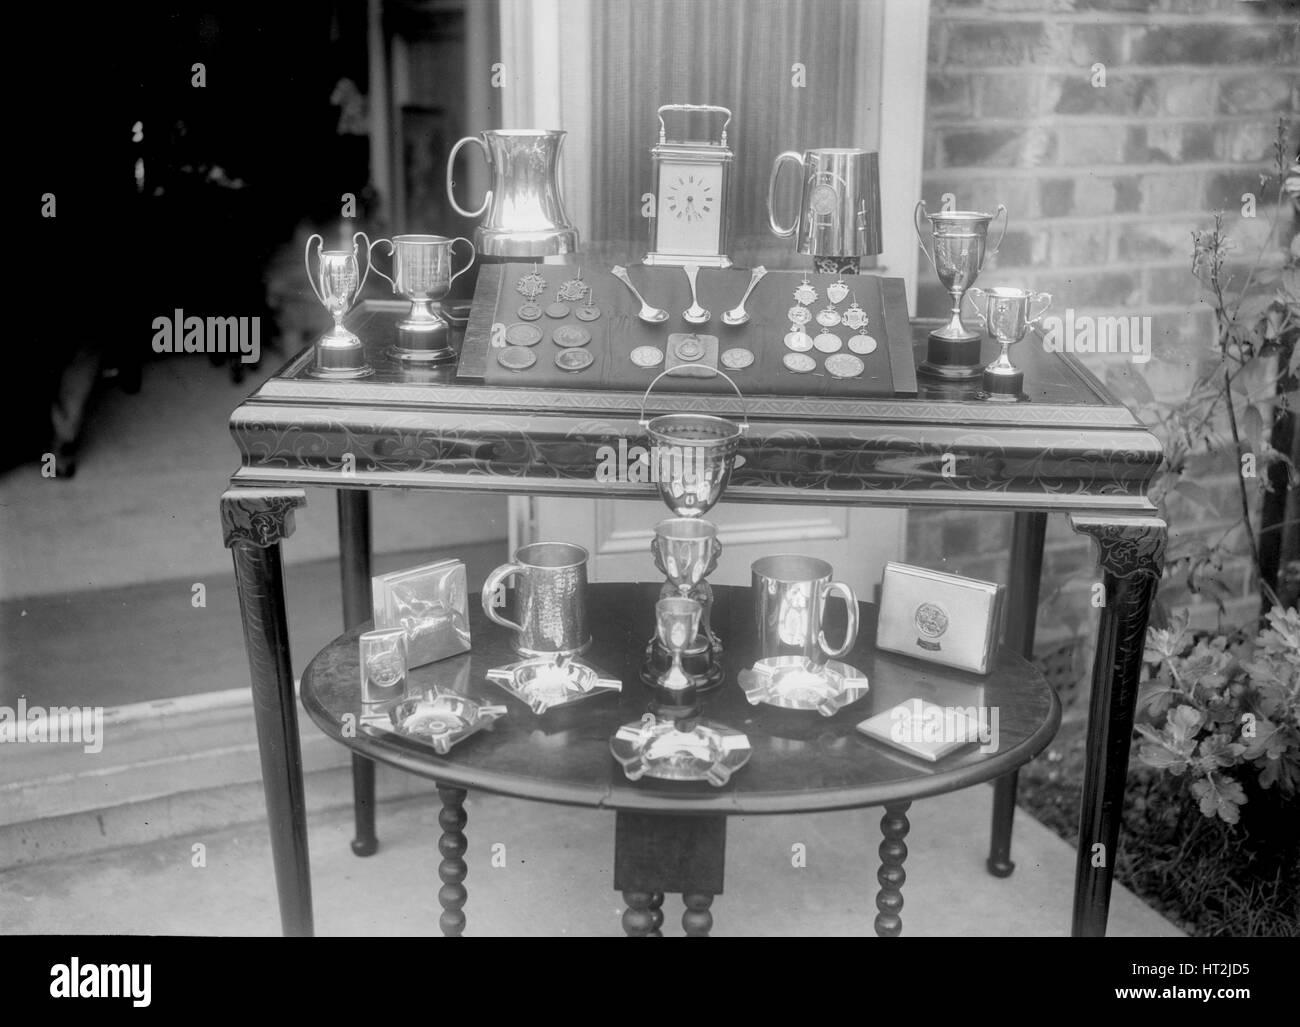 Trofeos del deporte del motor. Artista: Bill Brunell. Imagen De Stock